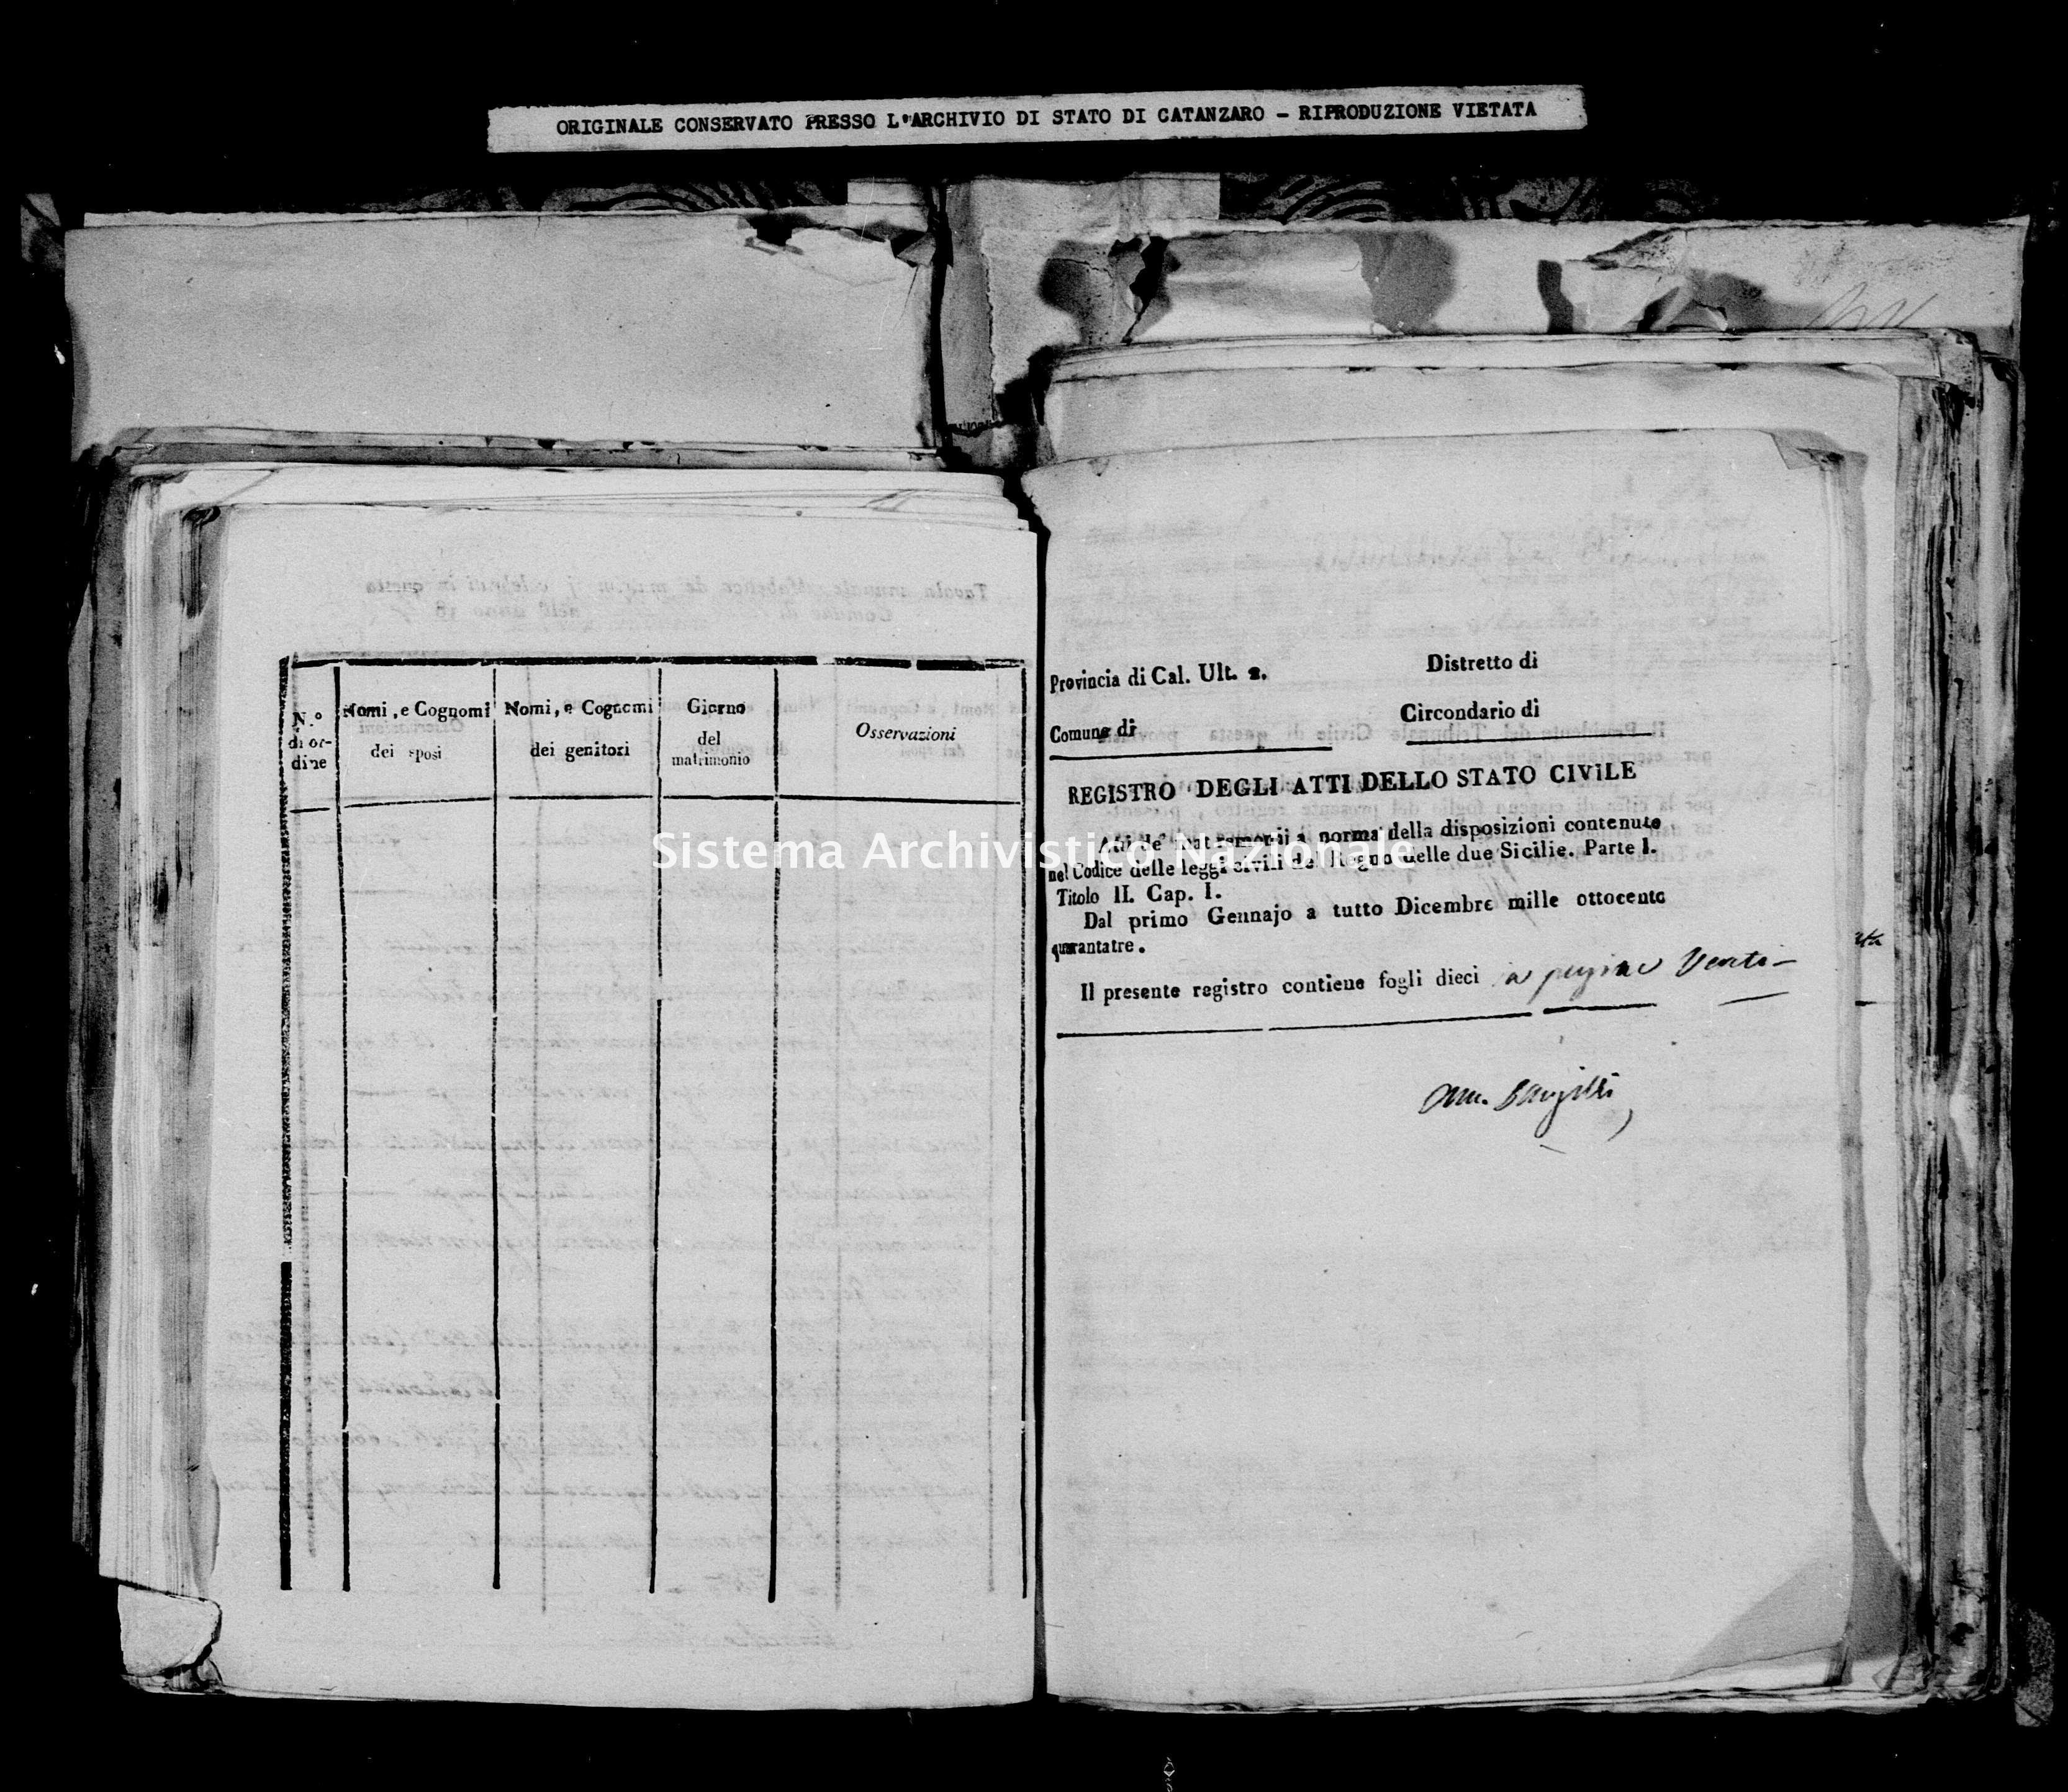 Archivio di stato di Catanzaro - Stato civile della restaurazione - Bella - Matrimoni - 1843 -